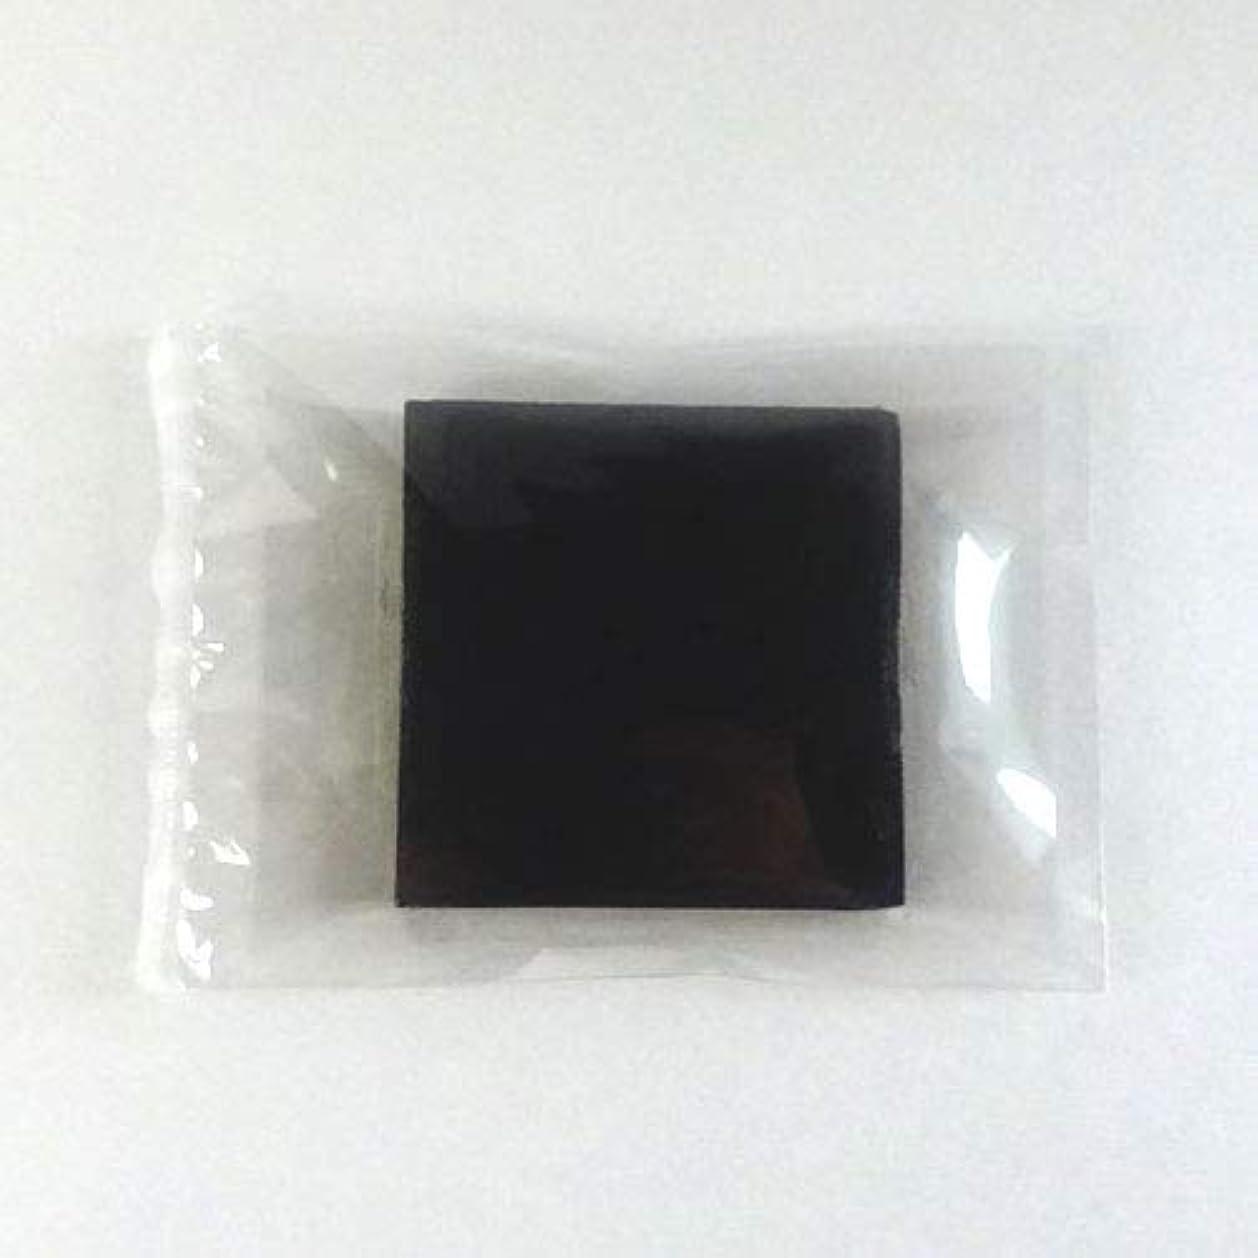 鳴り響く熱心なシミュレートするグリセリンソープ MPソープ 色チップ 黒(ブラック) 120g(30g x 4pc)